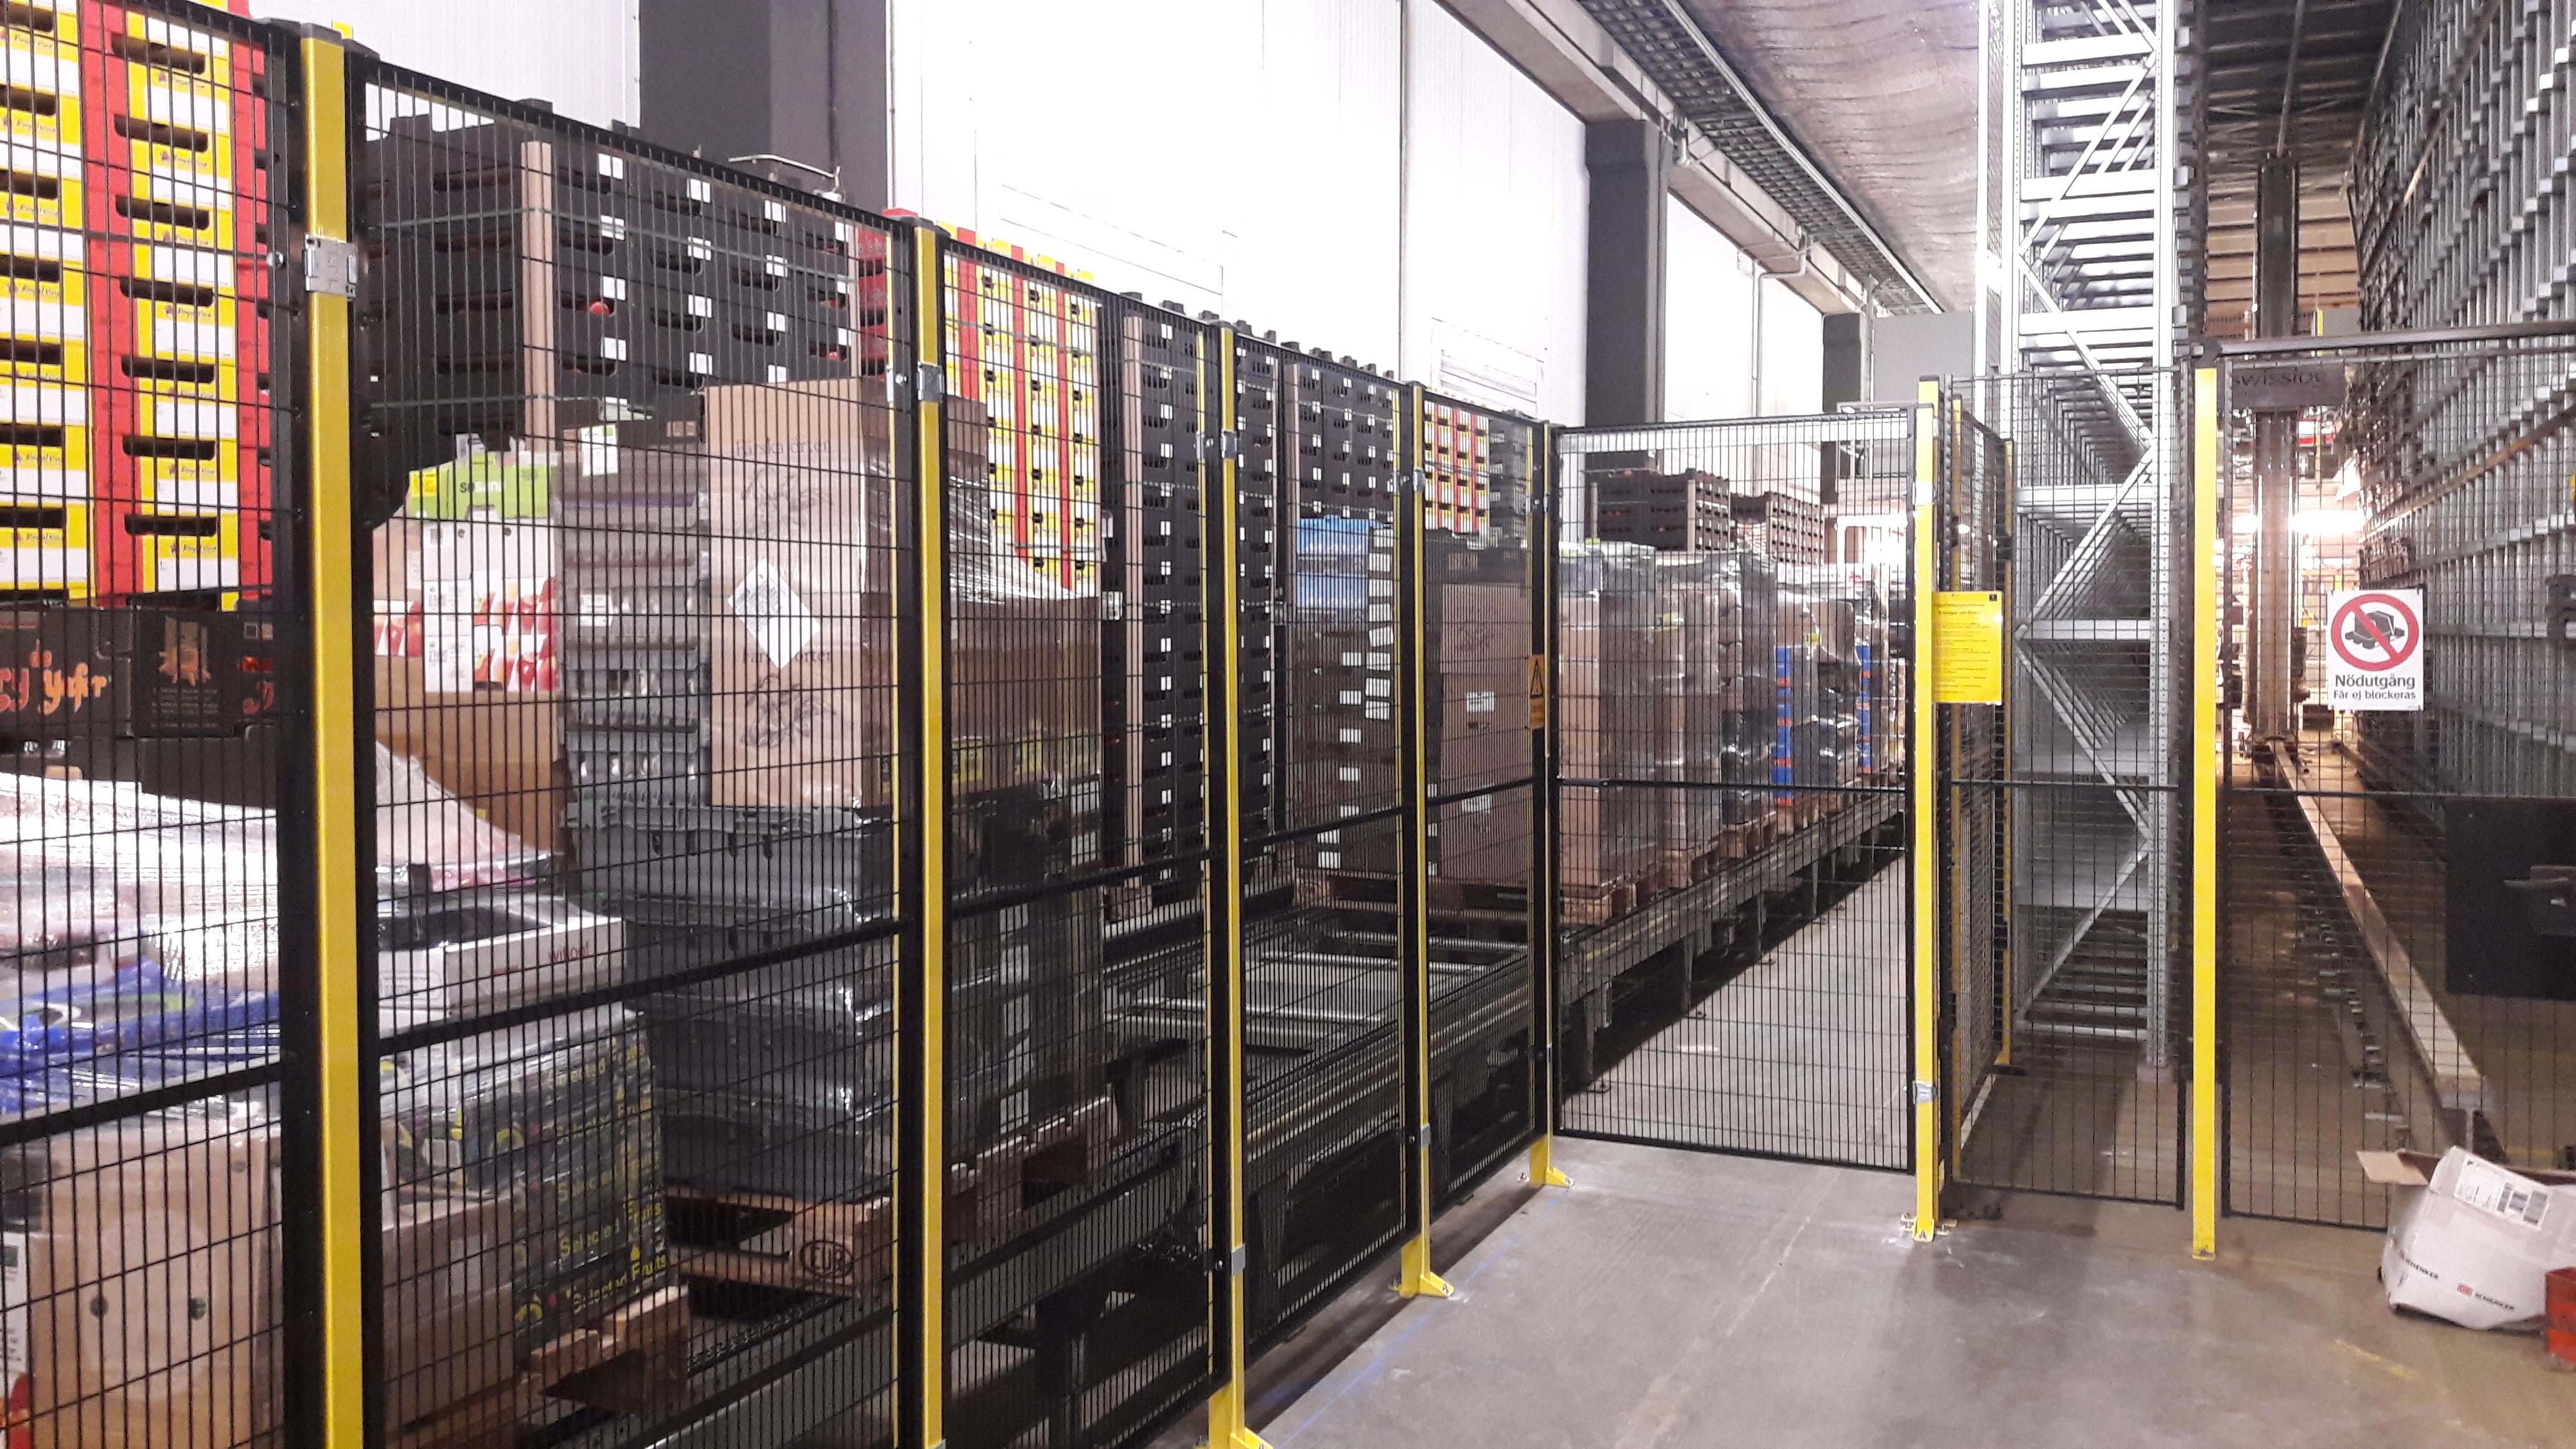 Flytning og ændring af industrimaskiner og udstyr